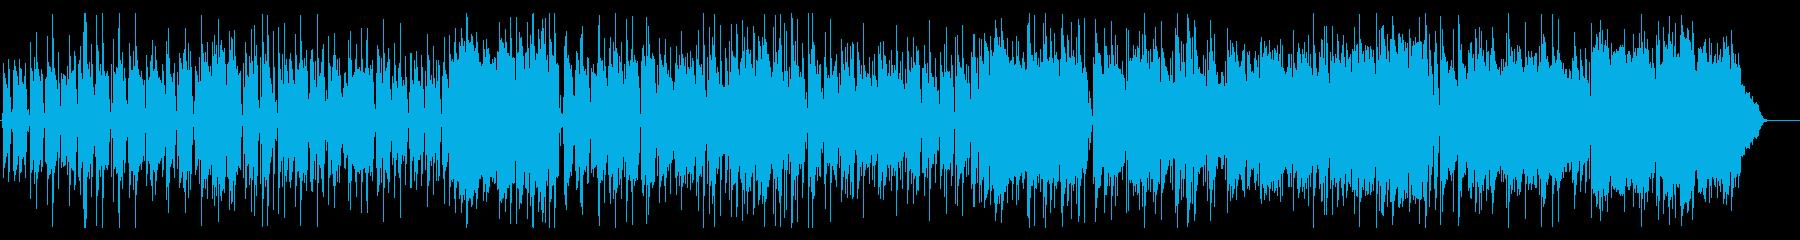 三拍子のピアノがメインのコミカルなBGMの再生済みの波形